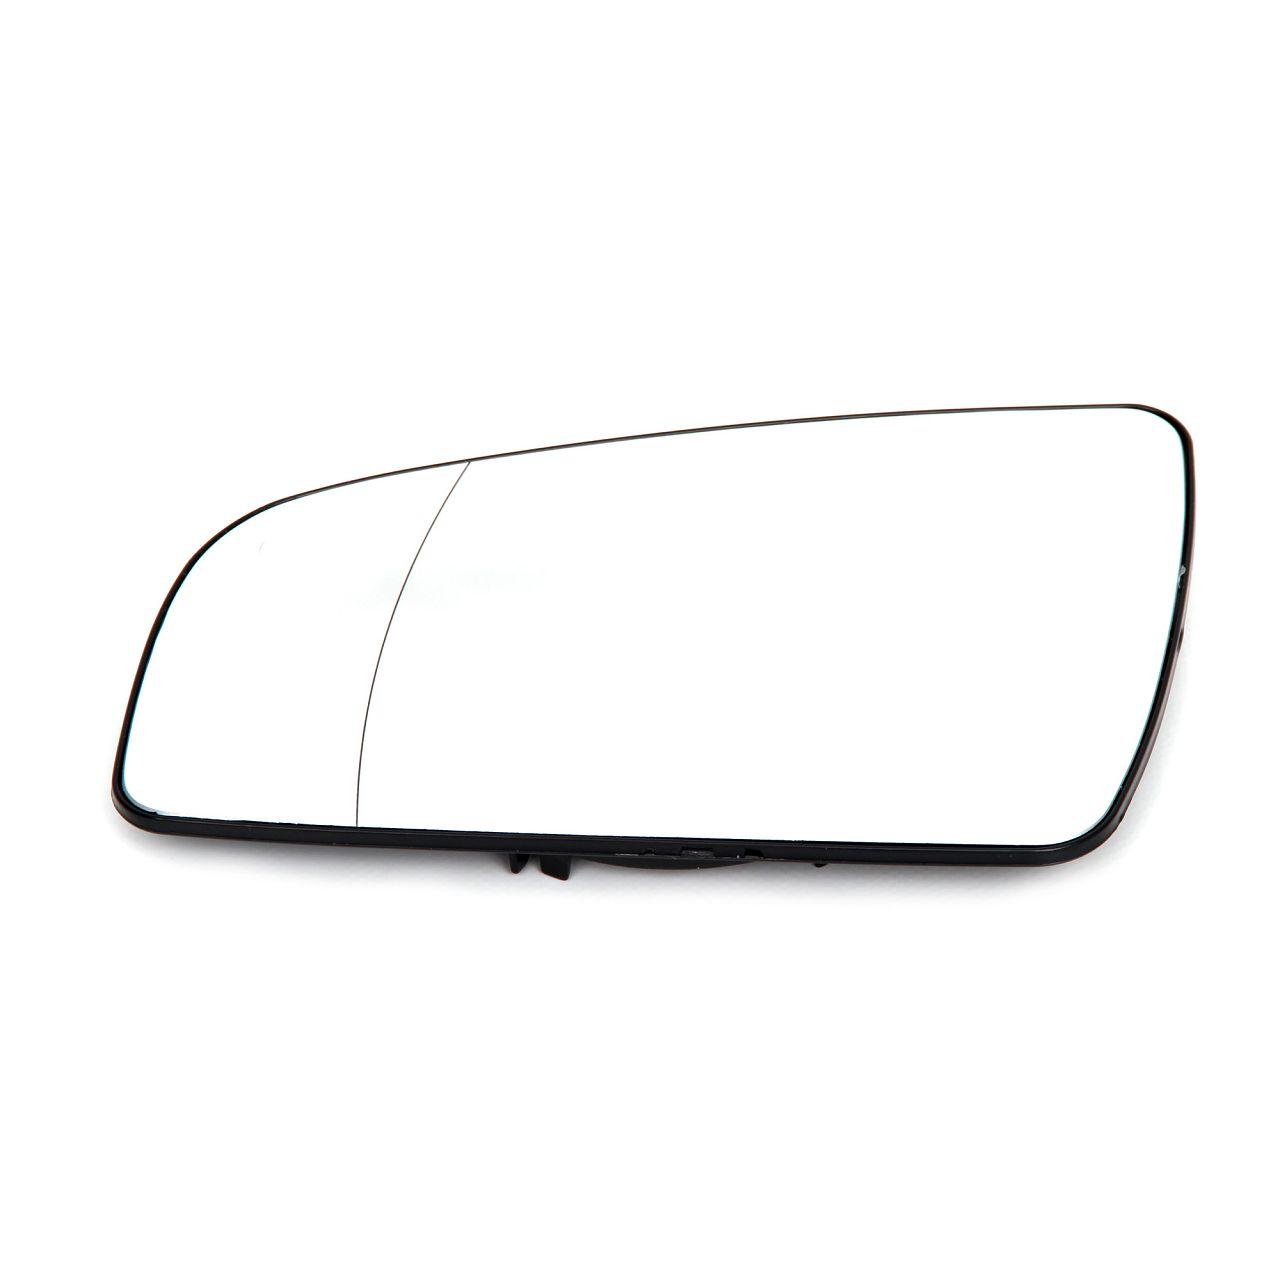 Außenspiegel Spiegelglas ELEKTRISCH für OPEL Zafira B bis Fgst. links 13162274